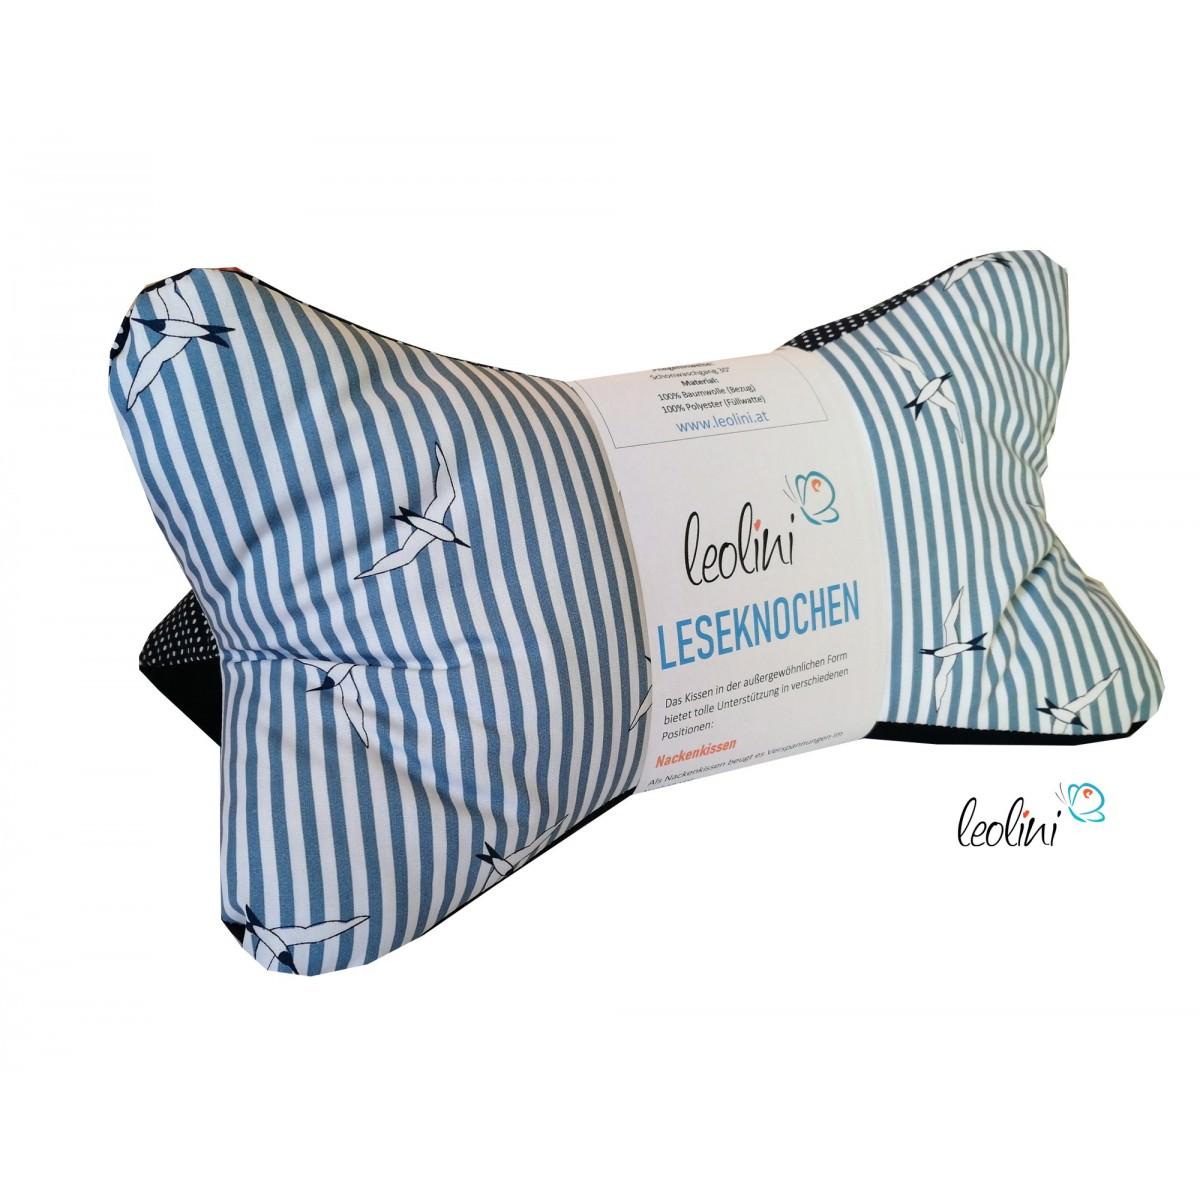 Leseknochen - Lesekissen von Leolini dunkelblau Streifen & Punkte